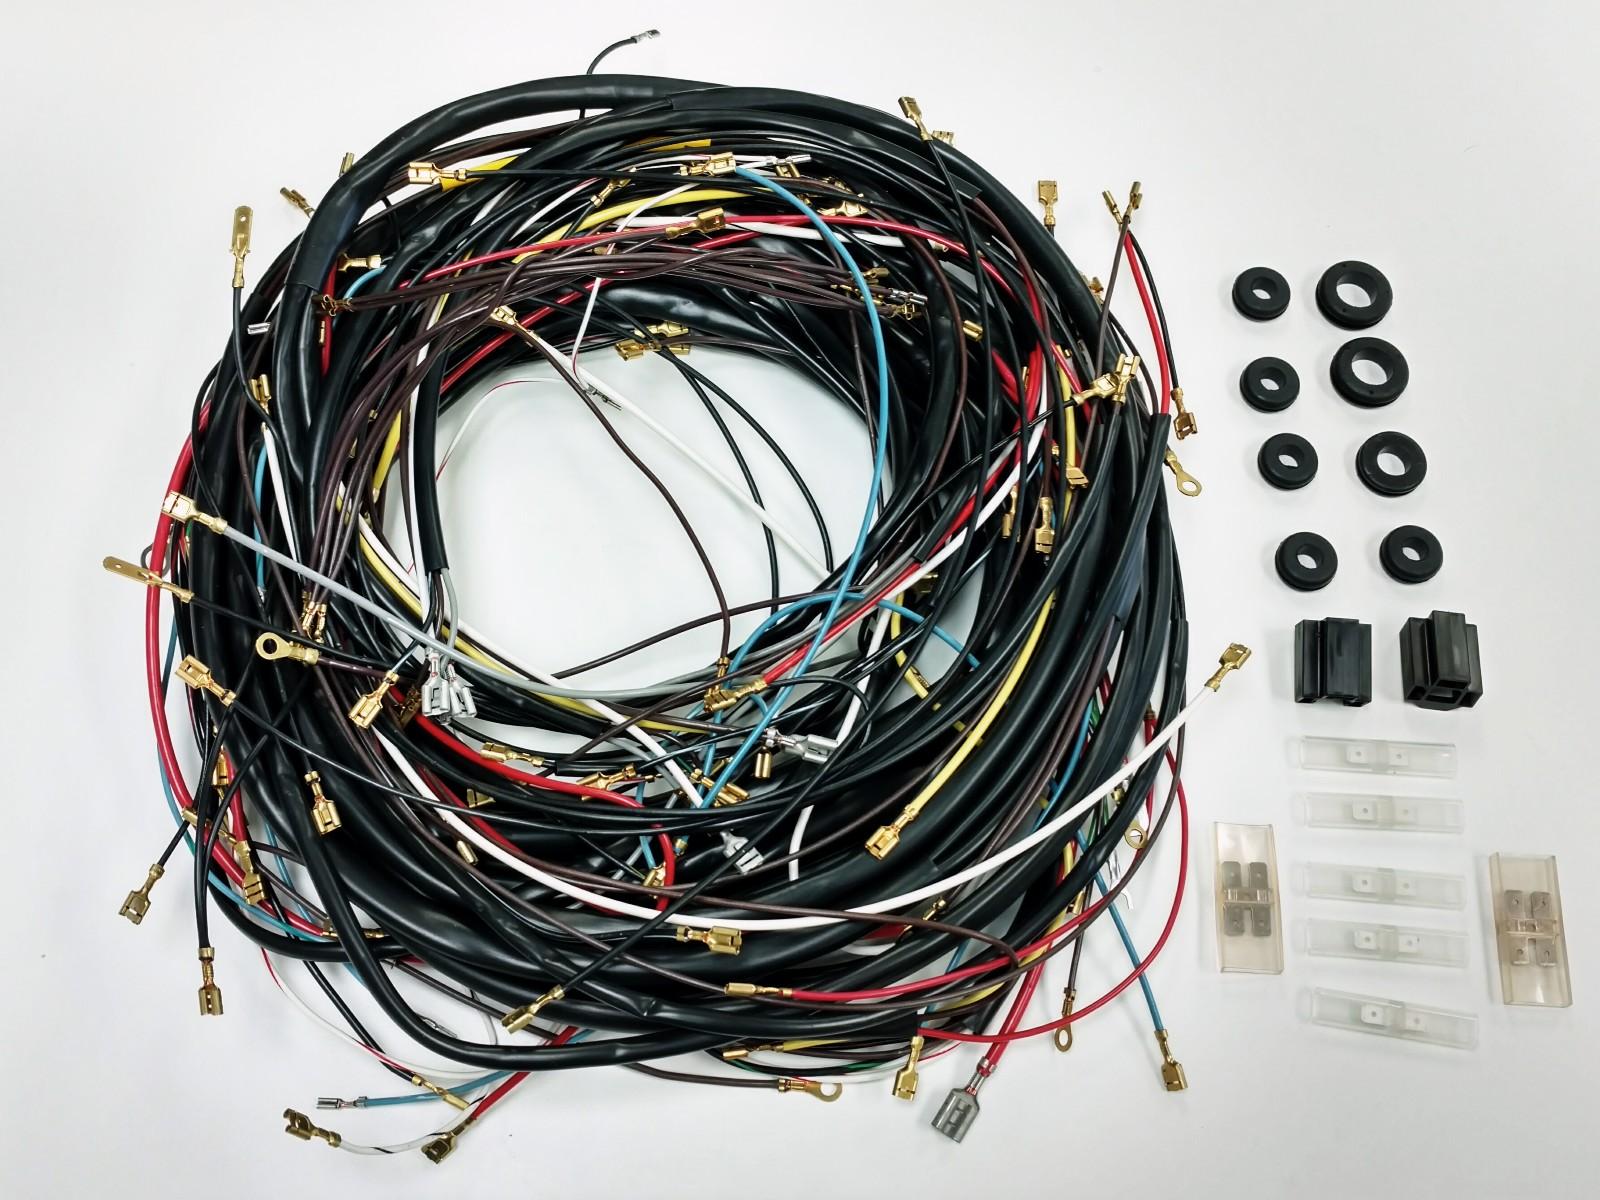 wiring works harness vw schema wiring diagram vw engine wiring diagram wire works wiring harness data wiring diagram update 1966 vw beetle wiring harness wire works wiring